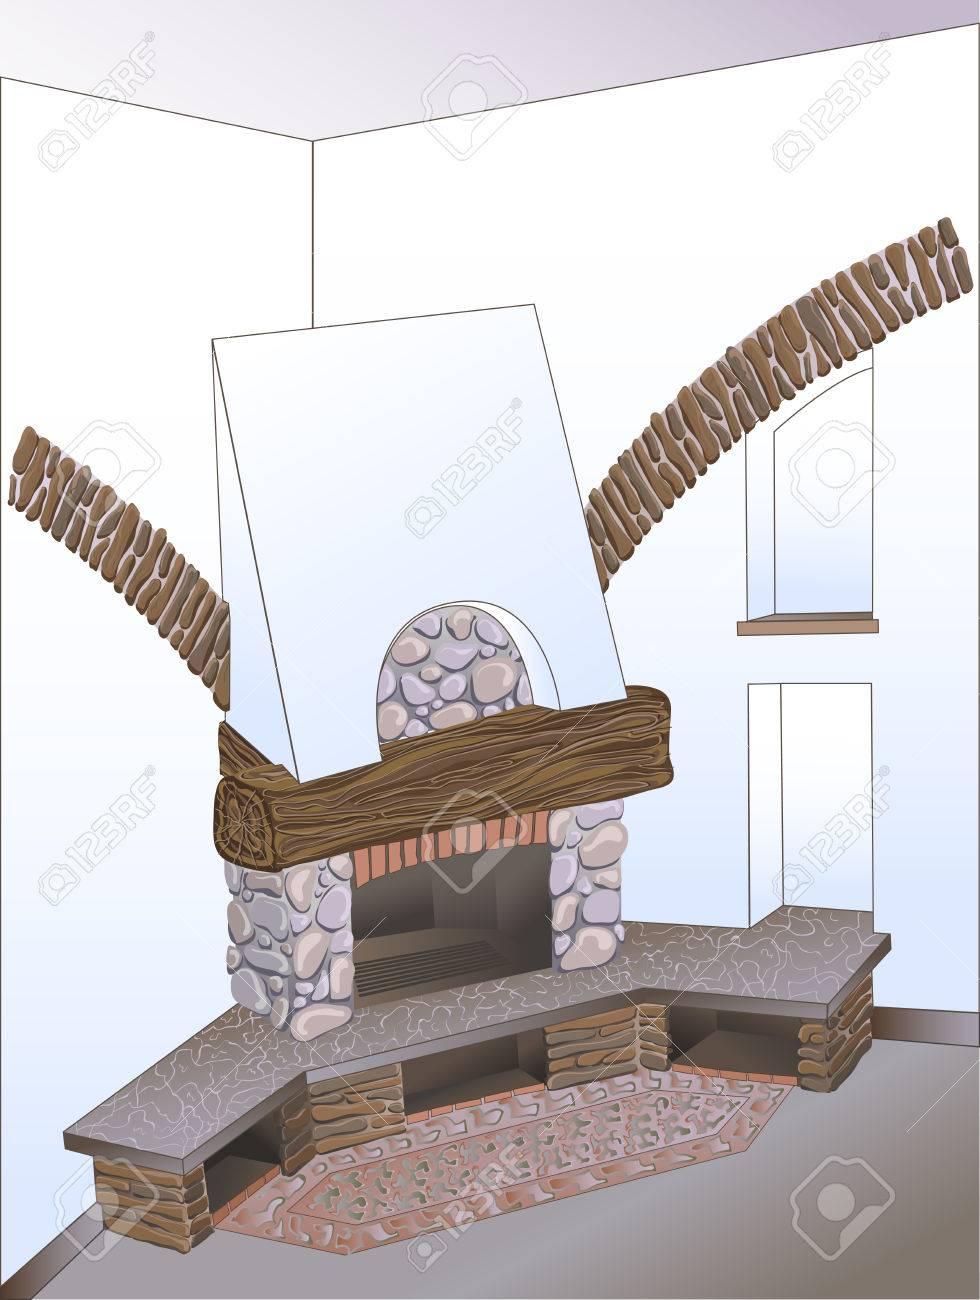 Vektor Skizze Innenausstattung Ecke Des Landlichen Provinziellen